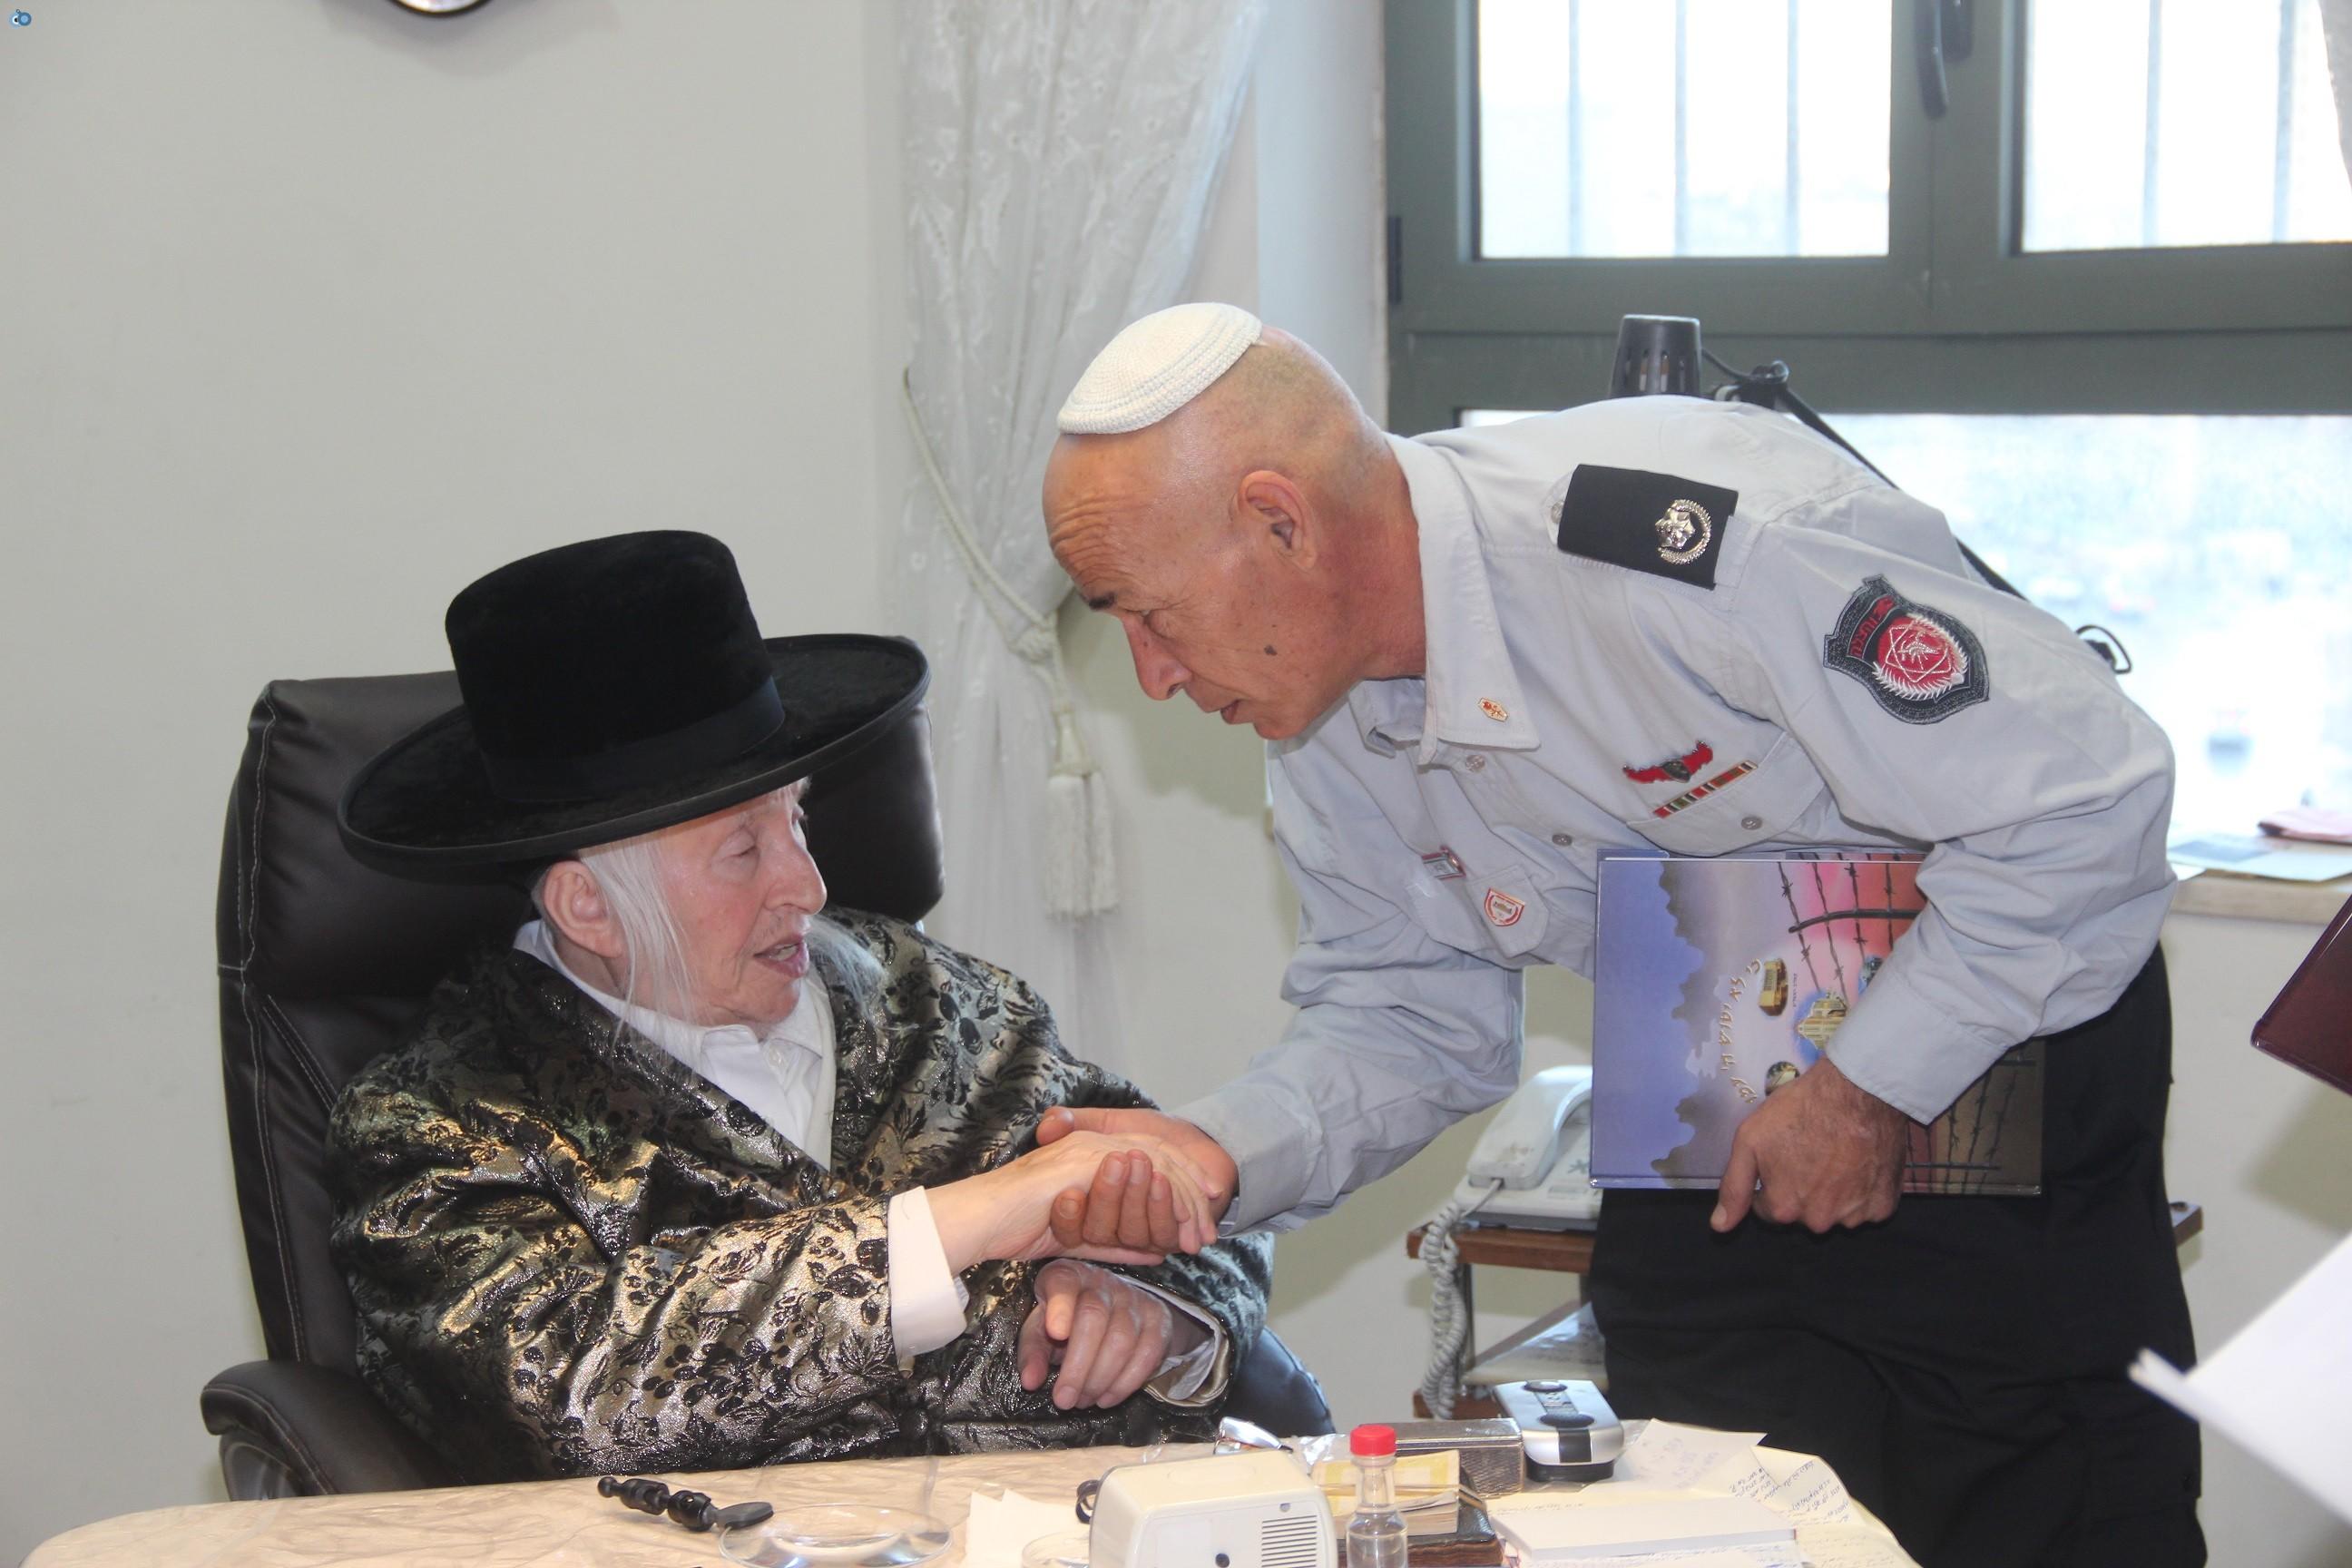 אלי בסון, שוכי בנדיקט ראשי מכבי  האש בירושלים (12)